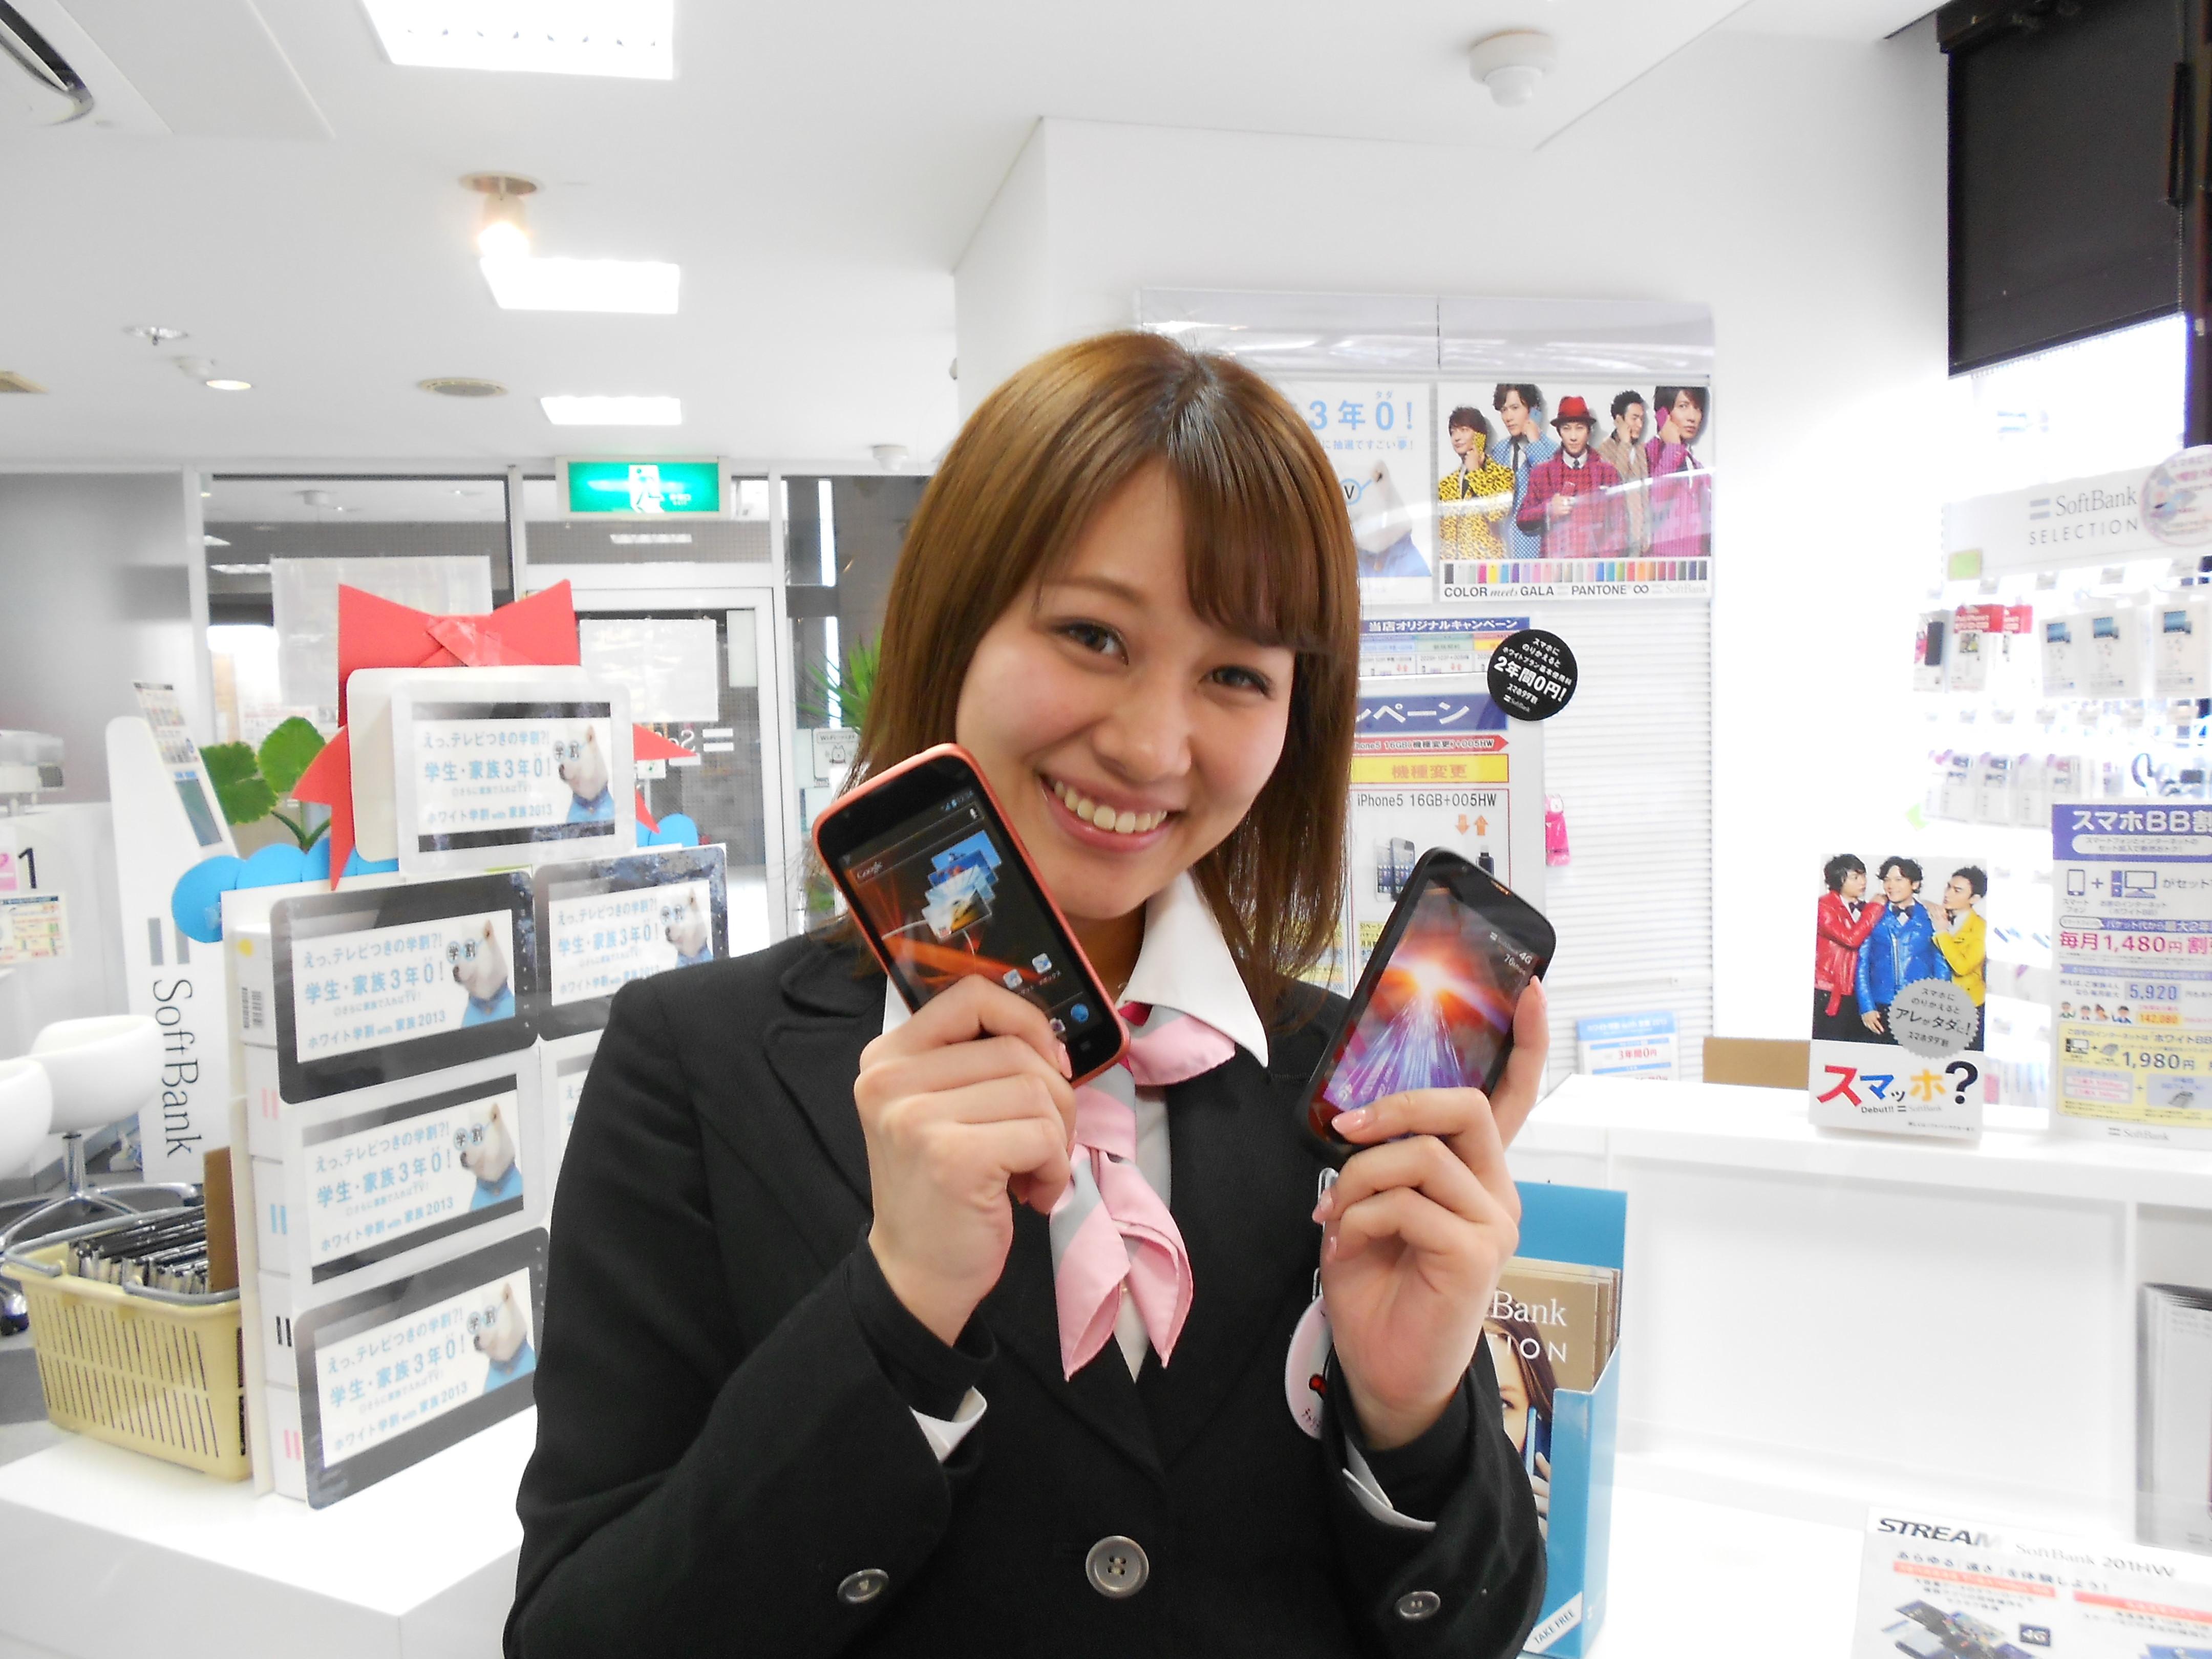 ワイモバイル 江古田(株式会社シエロ)のアルバイト情報